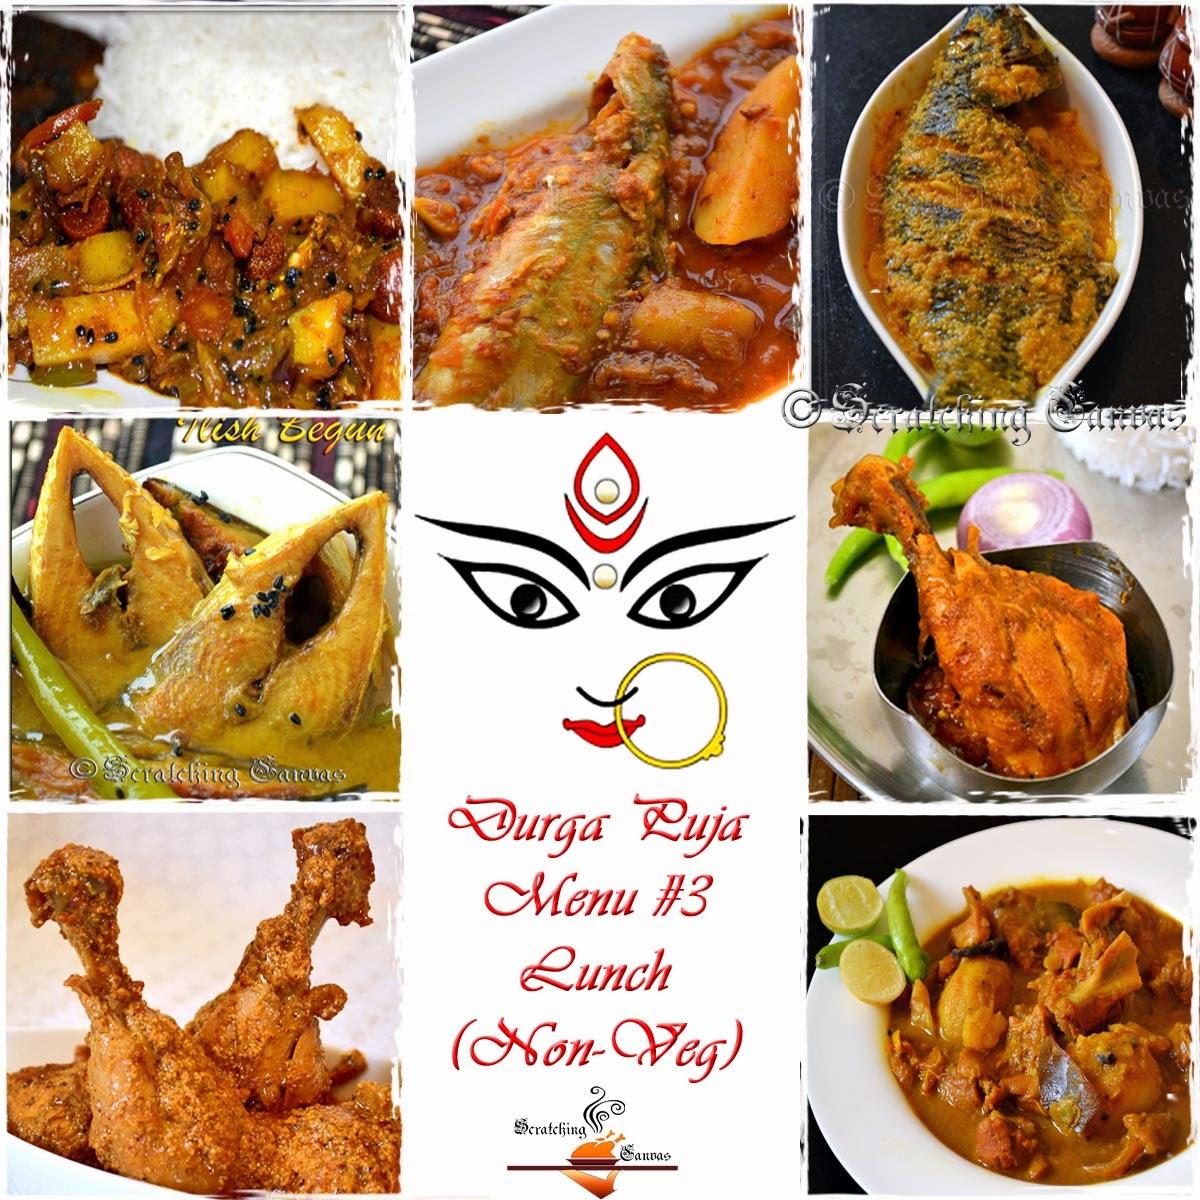 Durga Puja Food Menu